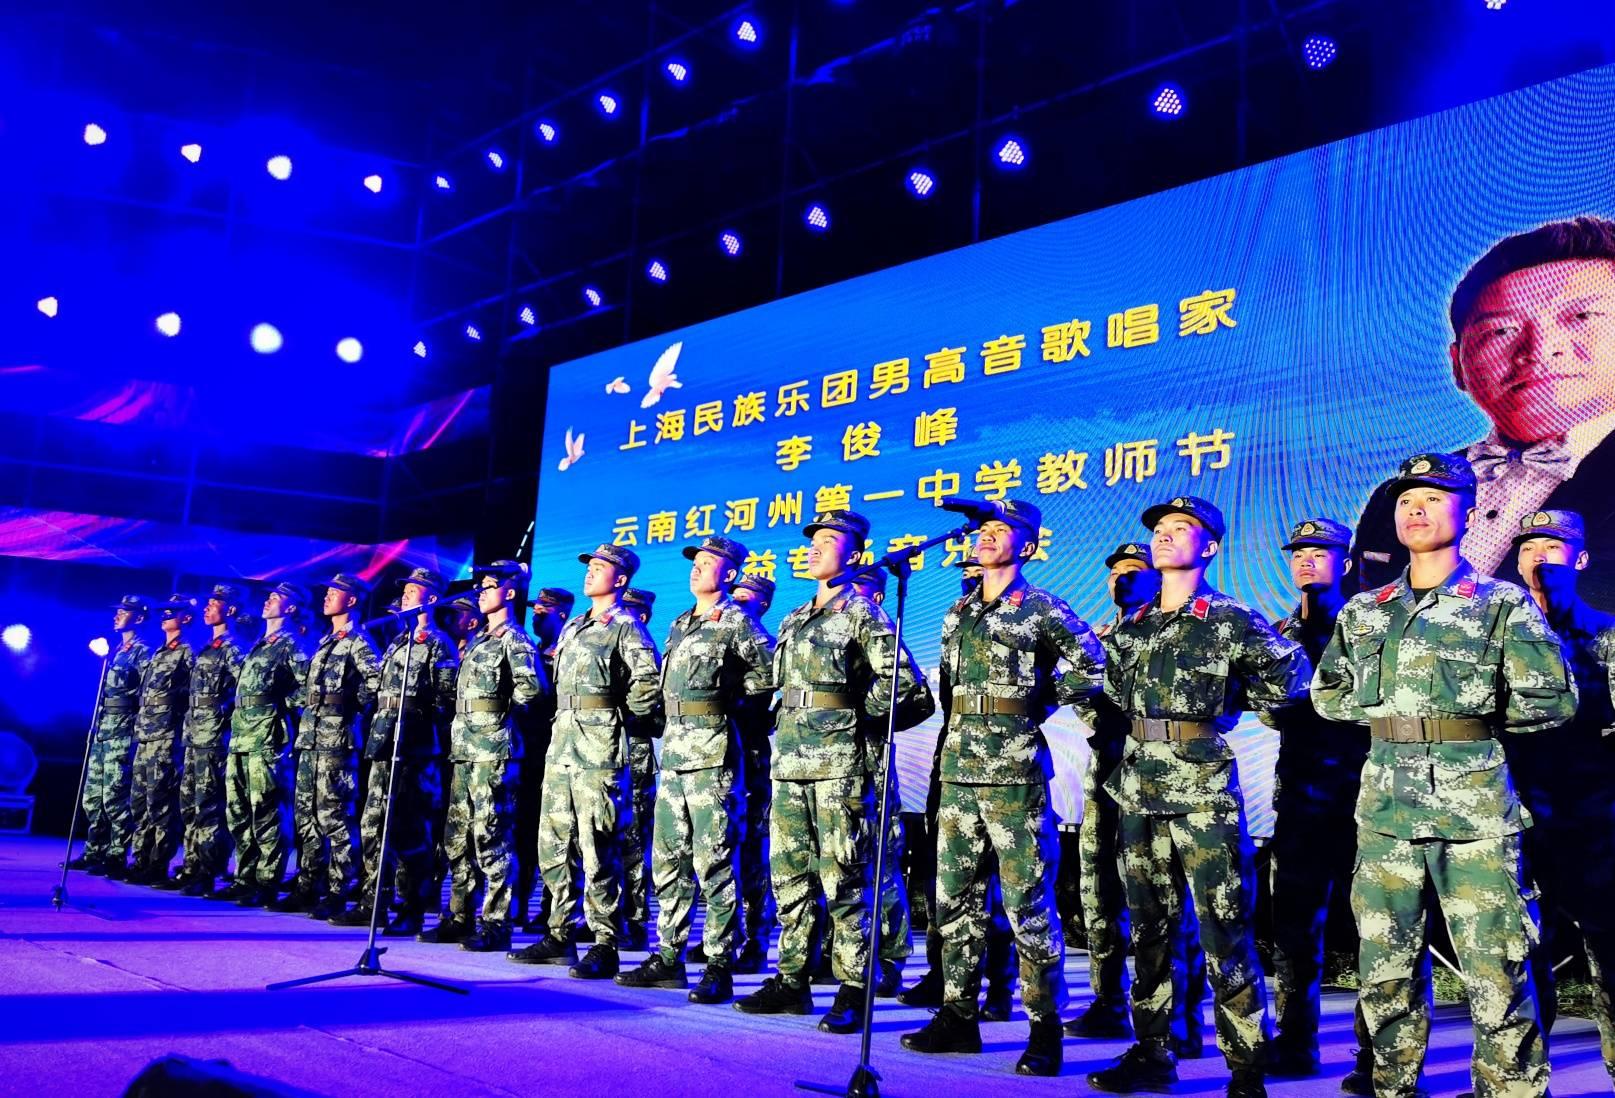 云南省红河州第一中学举行教师节公益专场音乐会